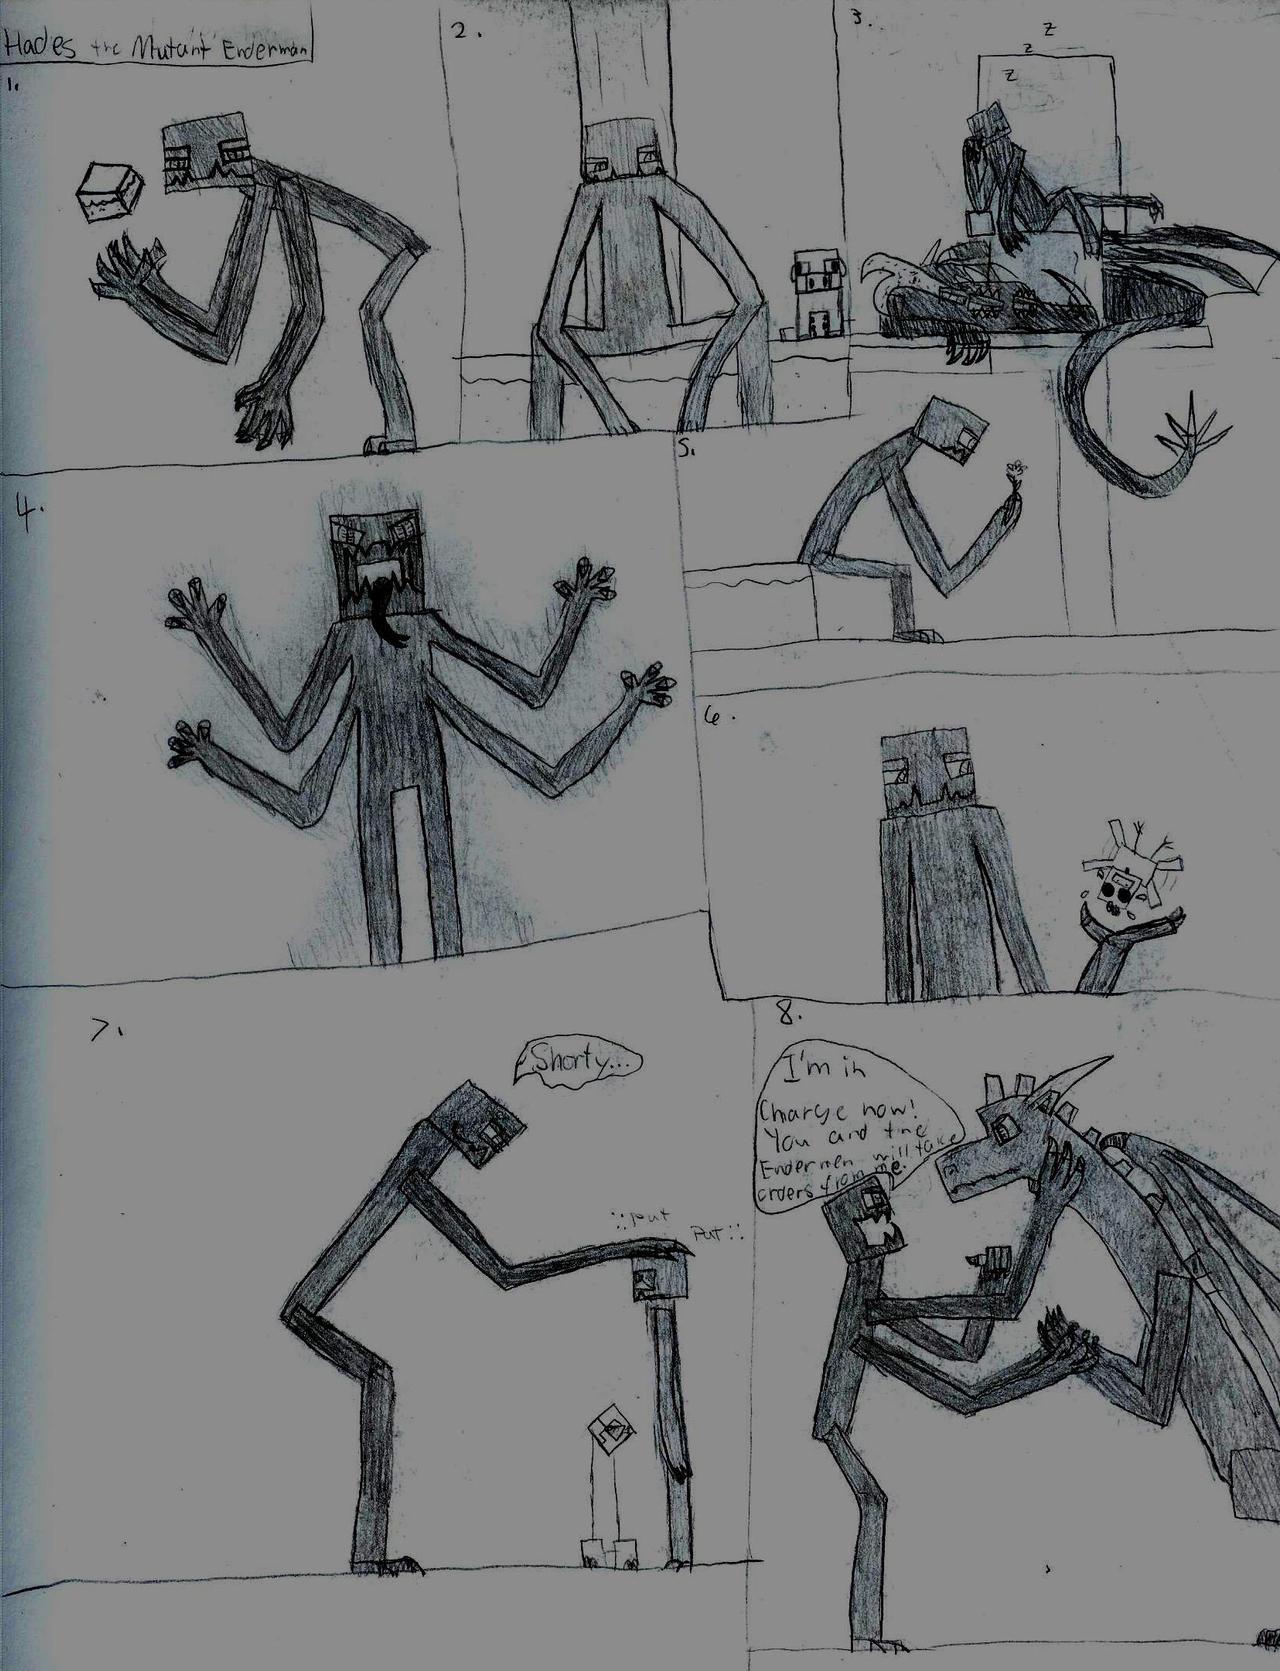 Hades the Mutant Enderman by DragonDollRAWR on DeviantArt